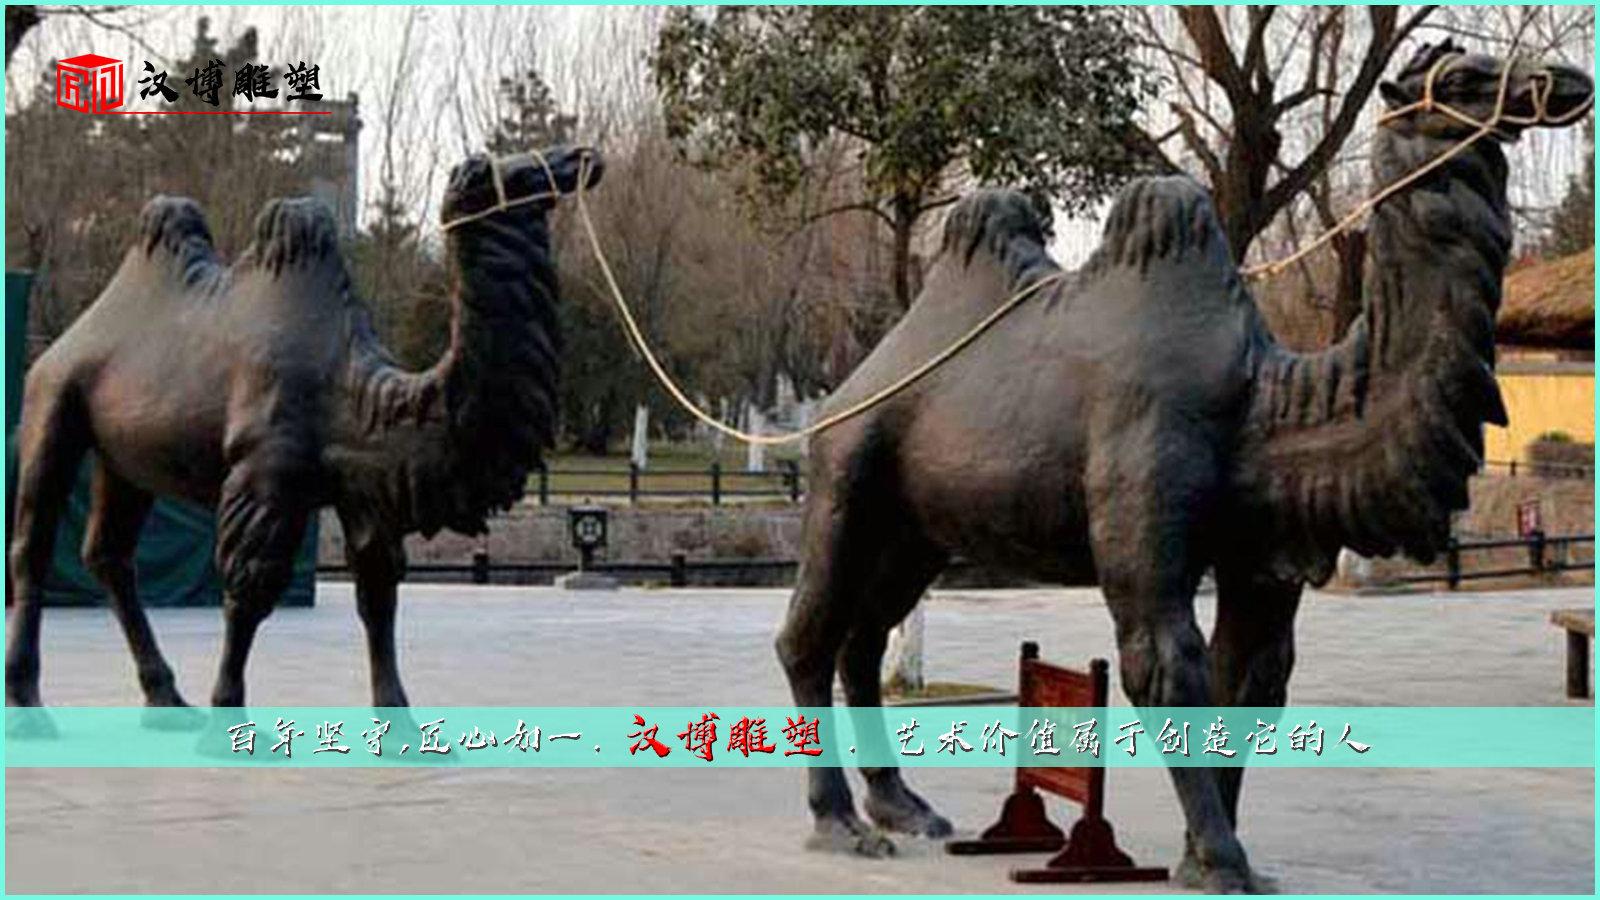 骆驼艺术雕塑,坦然傲视狂风与尘埃